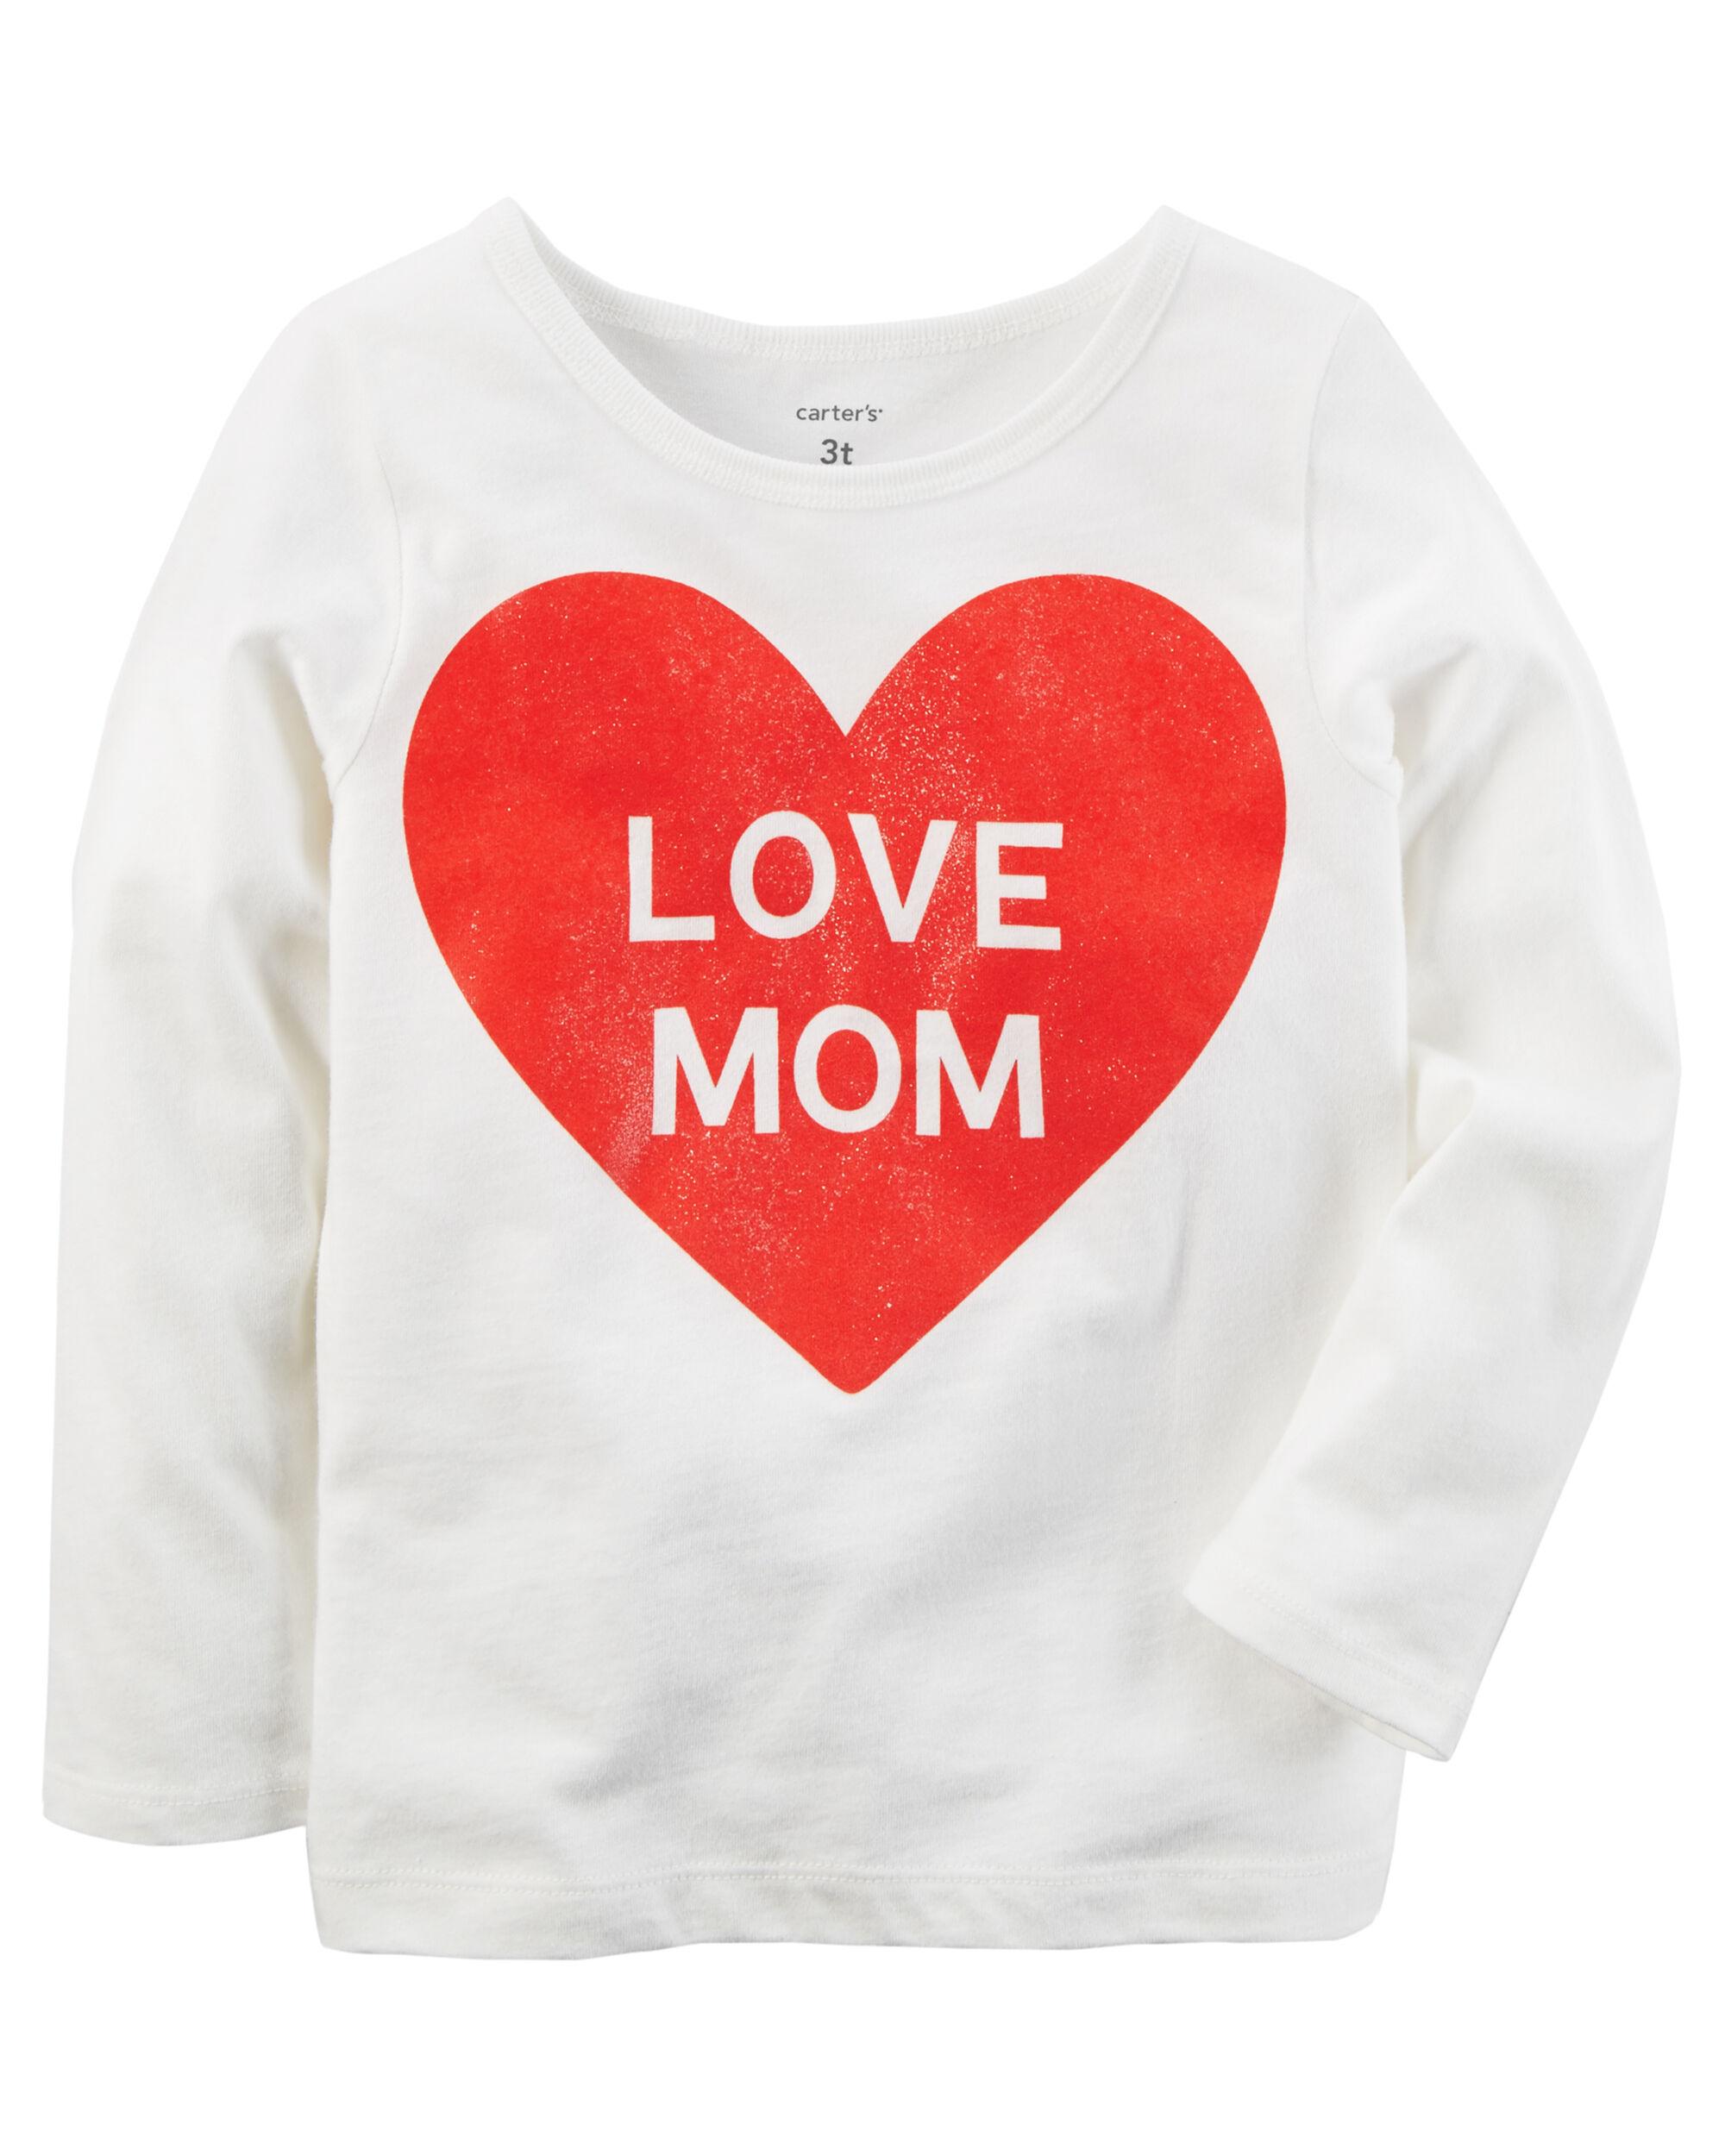 Everyday Essentials Love Mom Tee